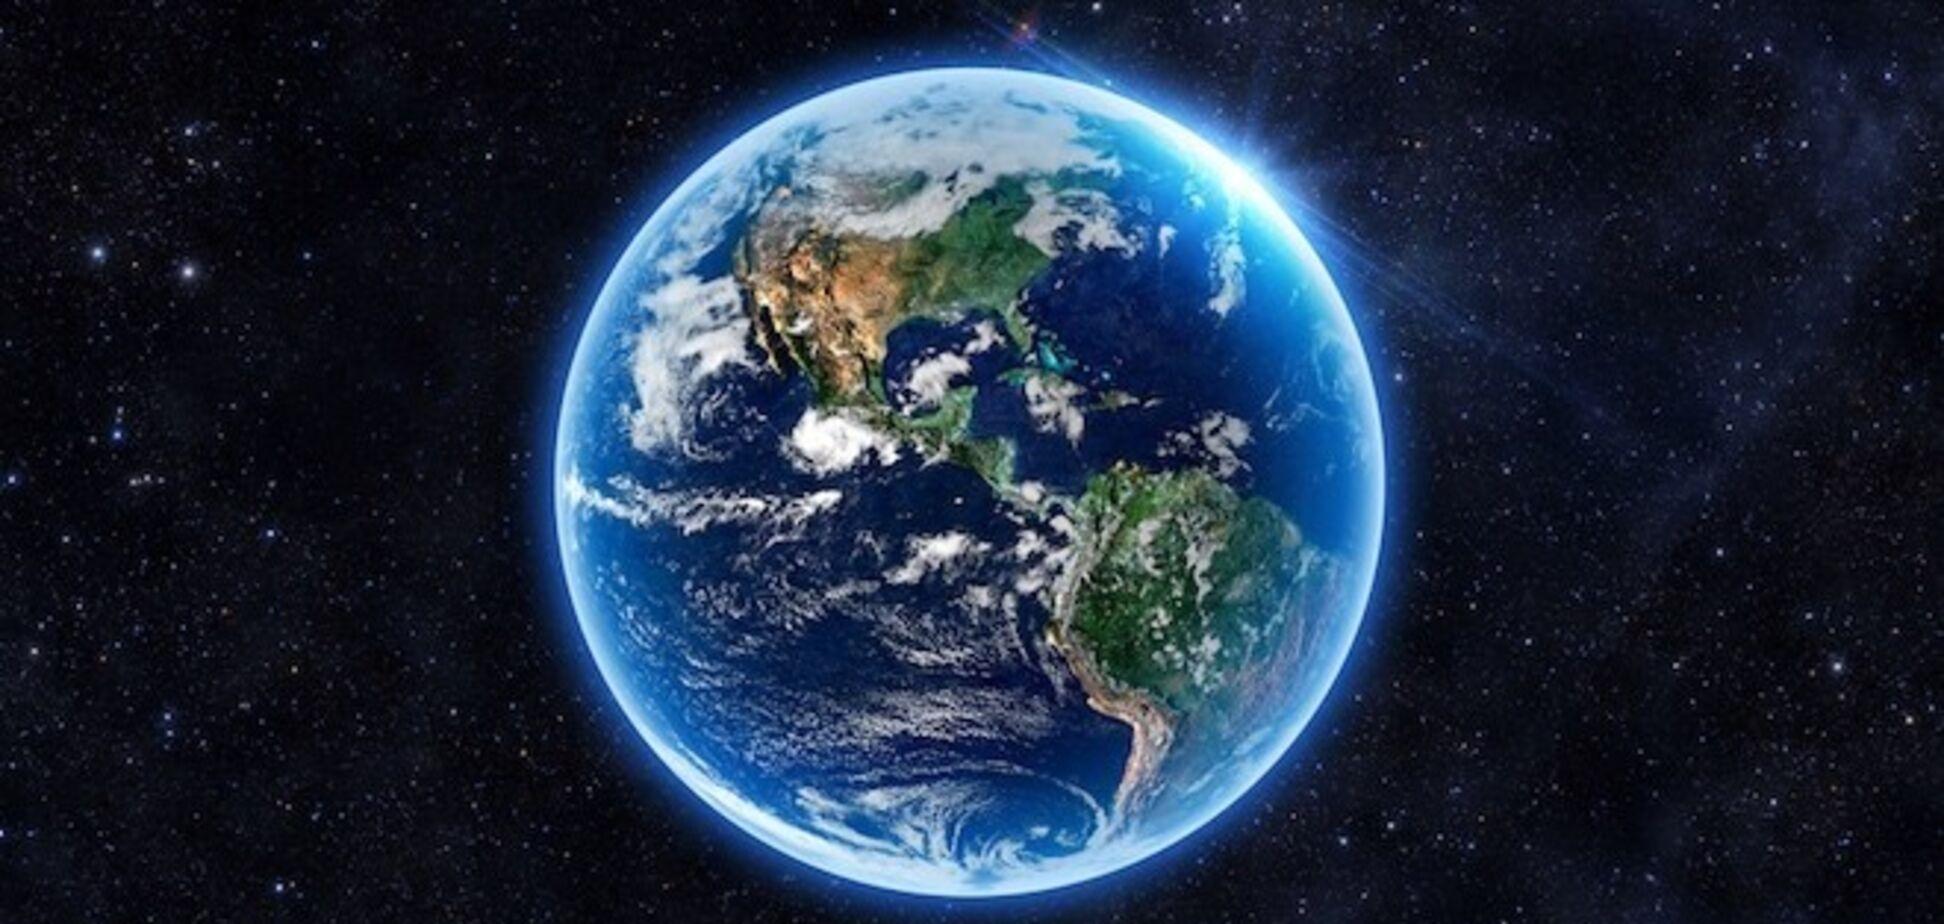 Апокалипсис близко: известный ученый назвал дату конца света